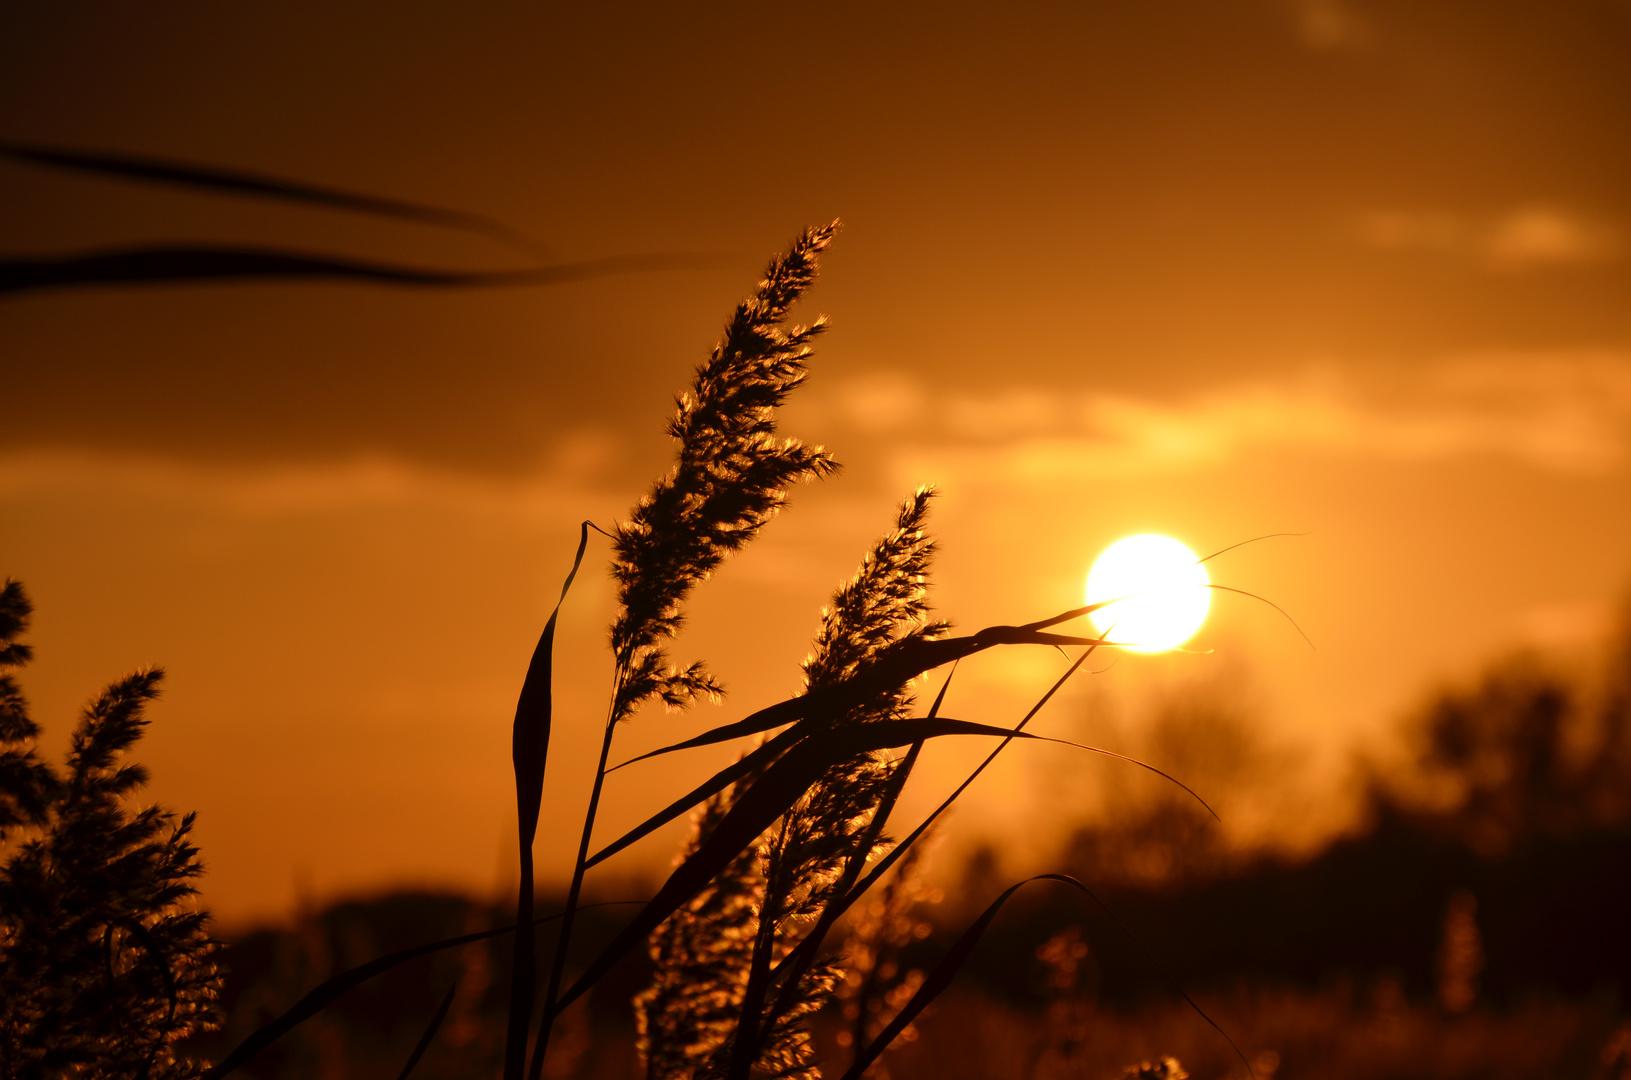 Sonnenuntergang im Schilf